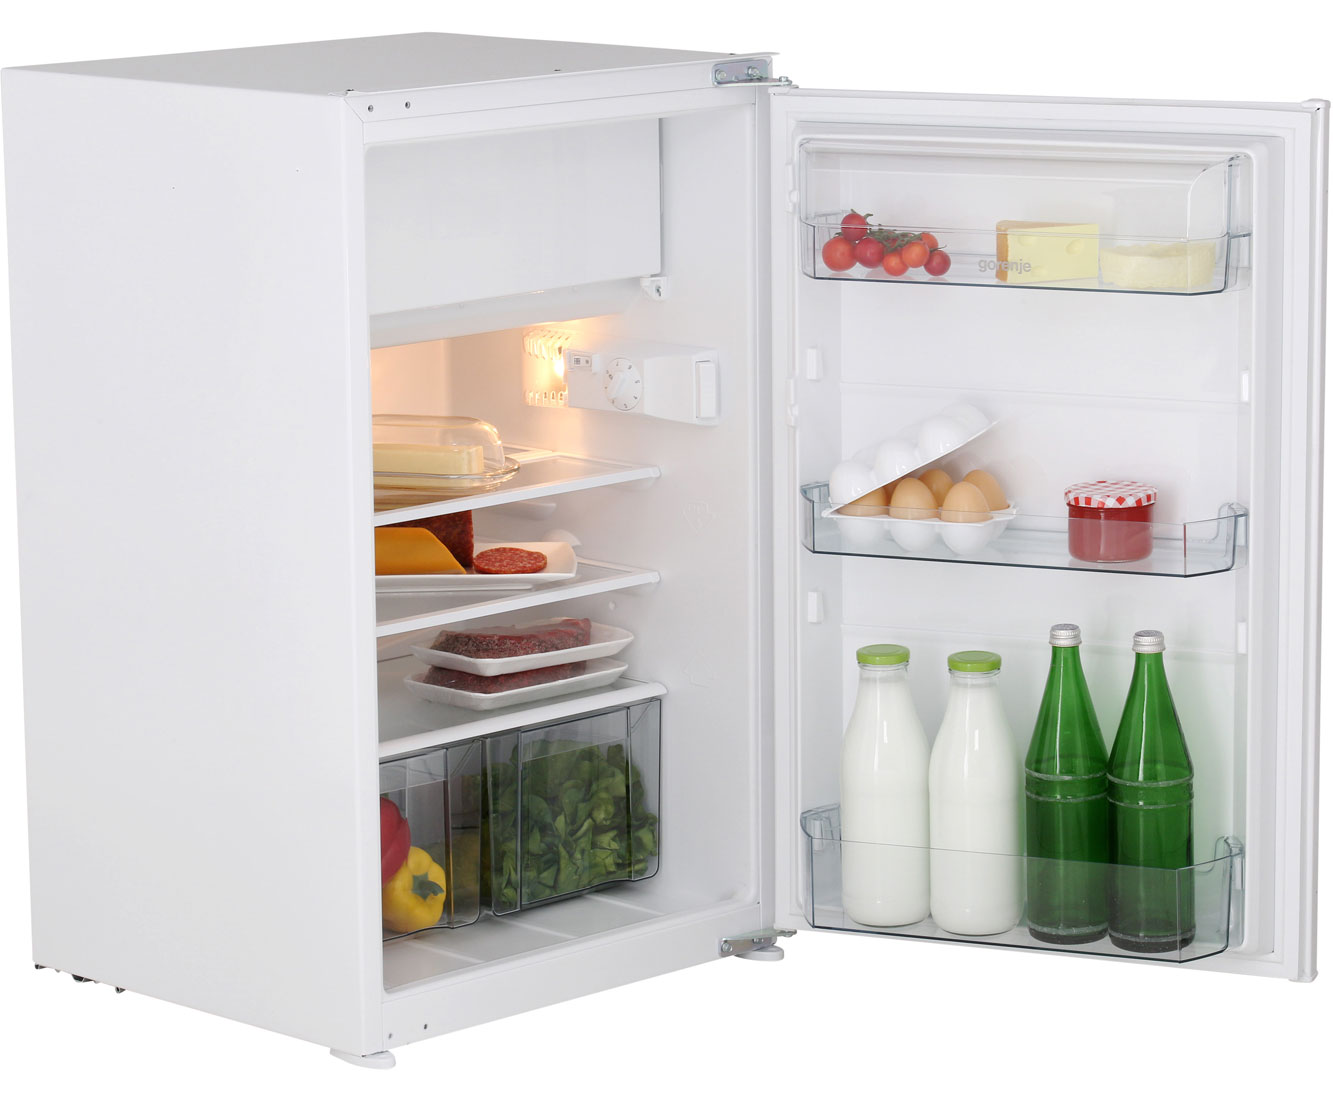 Amica Kühlschrank Mit Gefrierfach Retro : Rabatt preisvergleich.de kühlen & gefrieren u003e kühlschränke